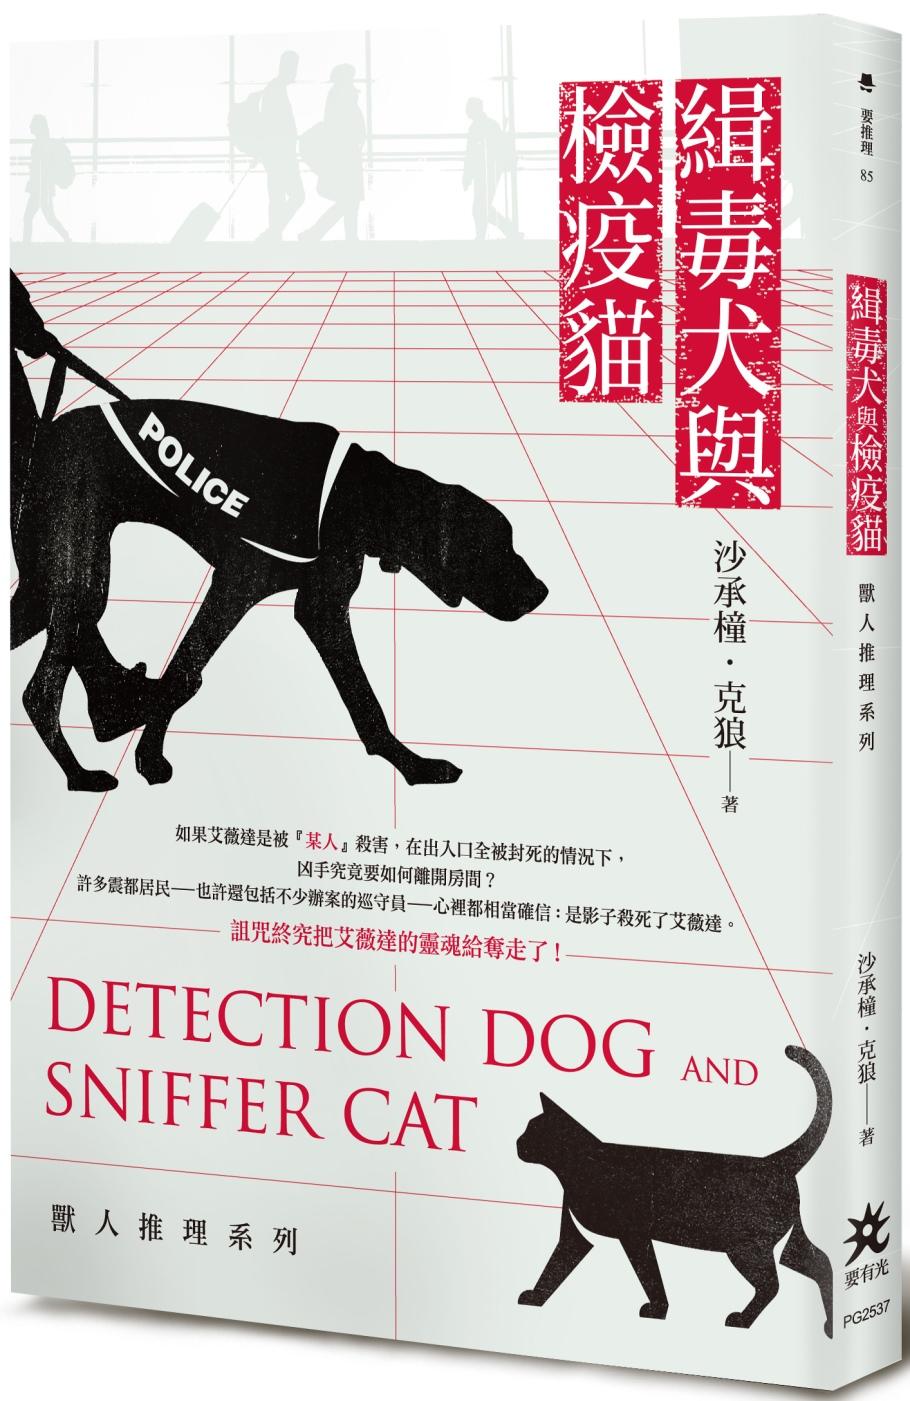 緝毒犬與檢疫貓:獸人推理系列